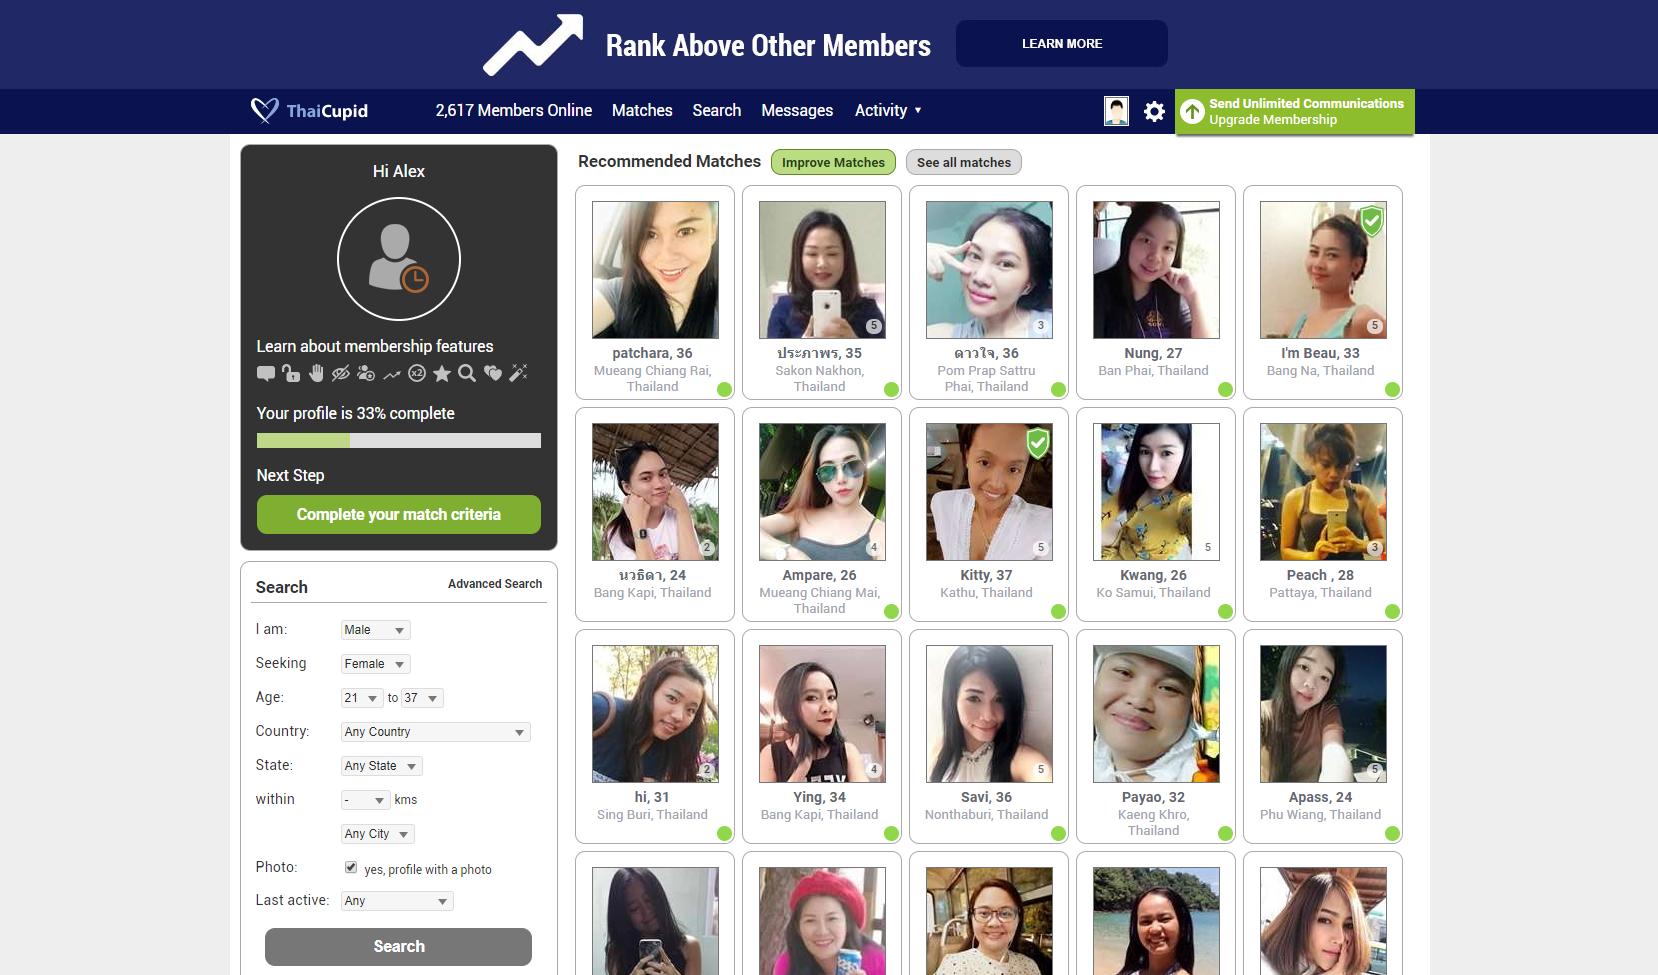 Thaicupid Review: Ist dieser Onlinedienst hilfreich?